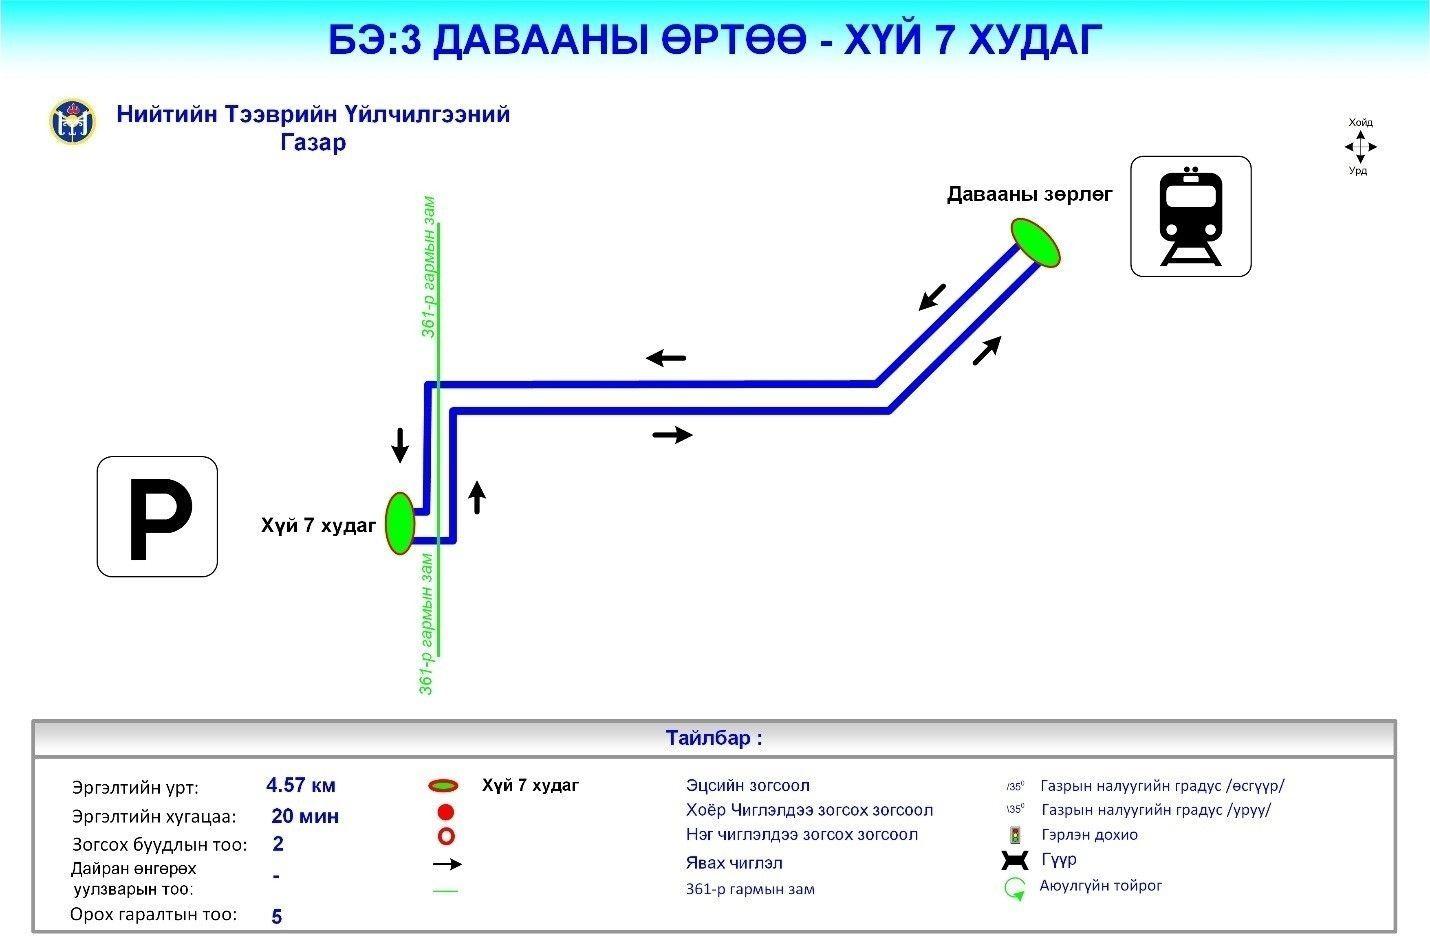 4fa75d_avt4_x974 Баяр наадмаар нийт 637 автобус үйлчилгээнд явна